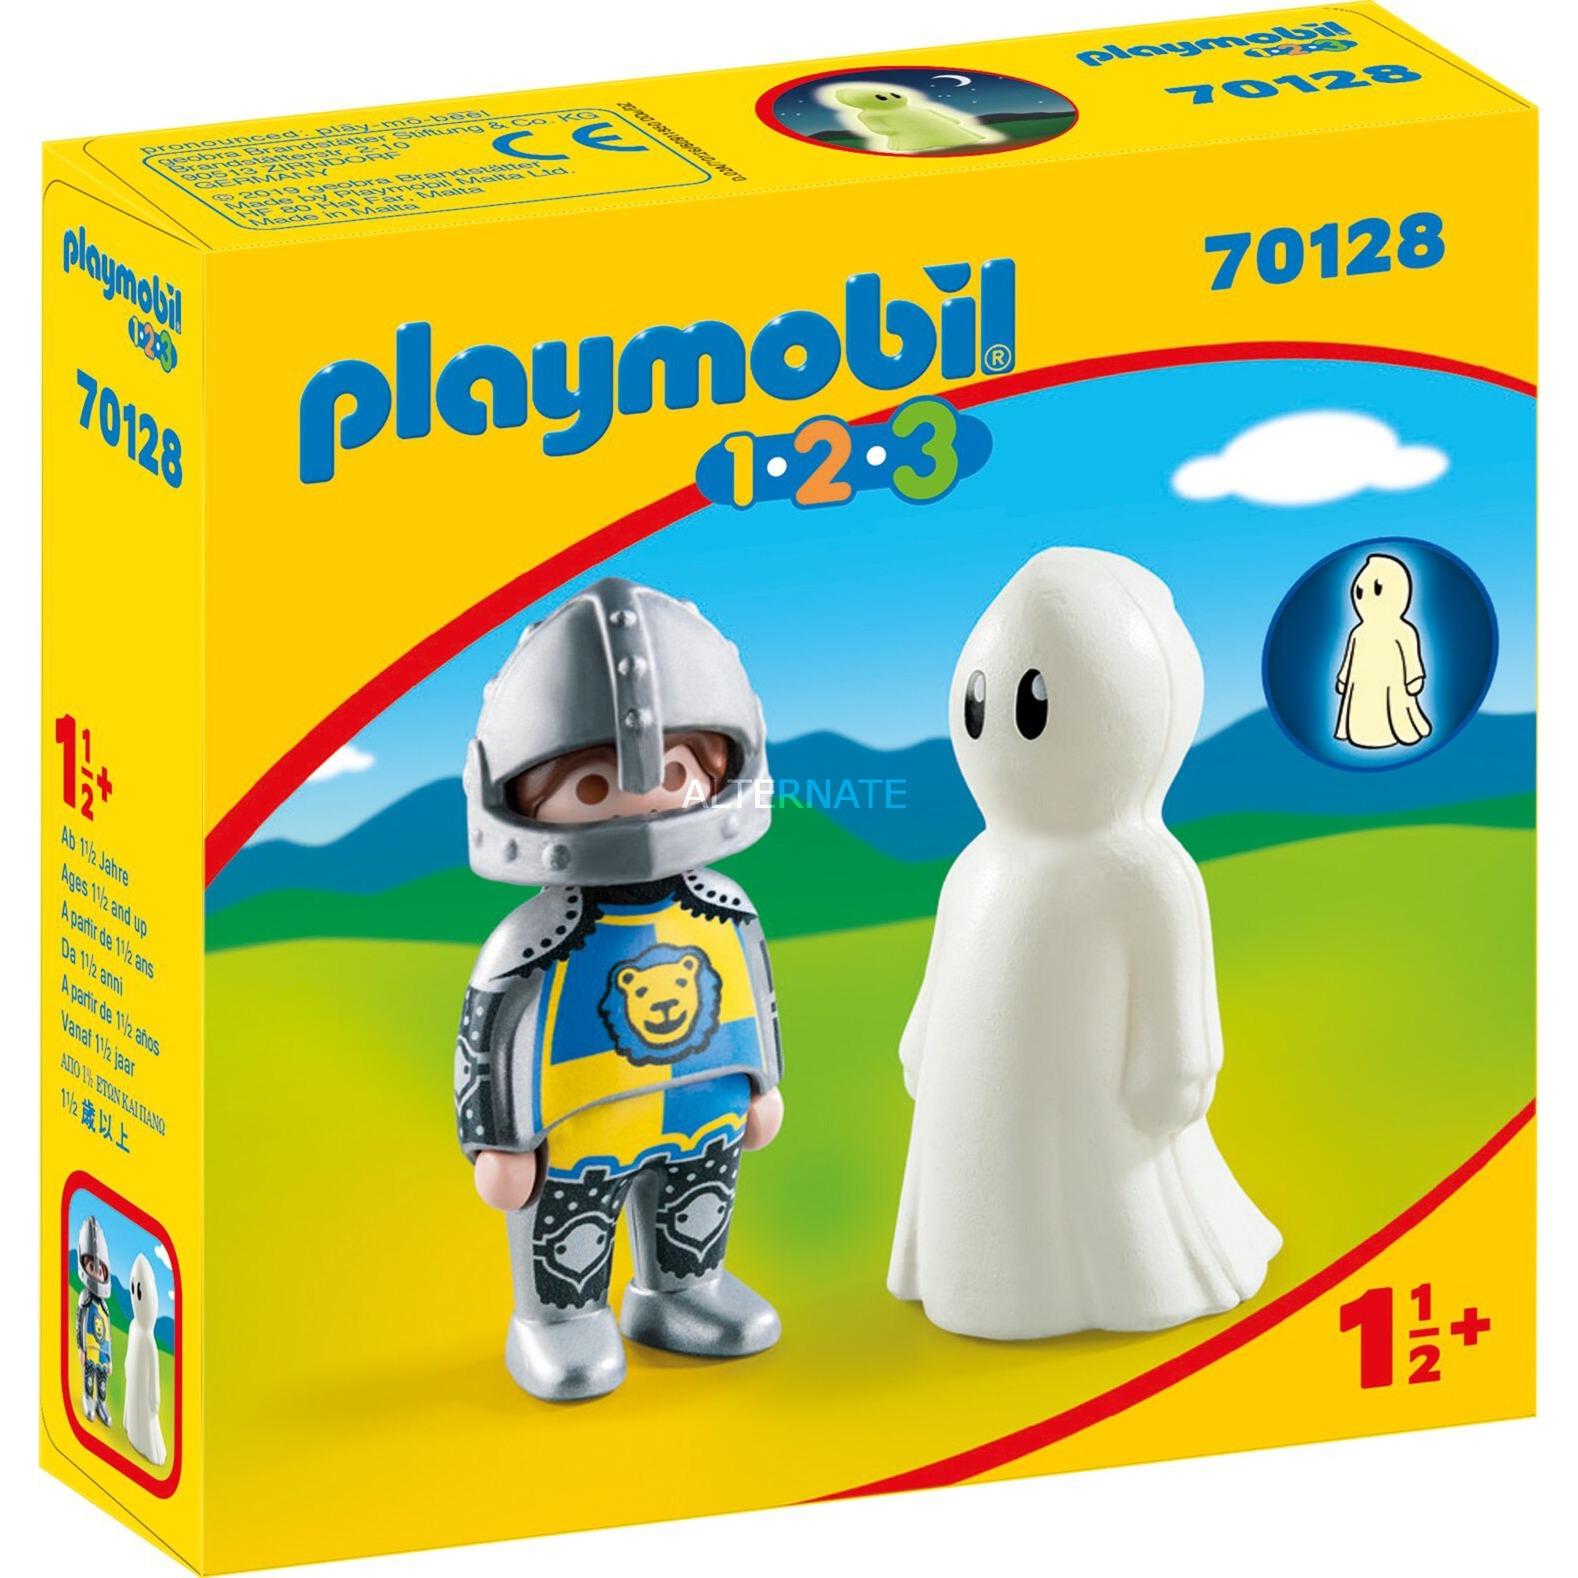 1.2.3 70128 set de juguetes, Juegos de construcción